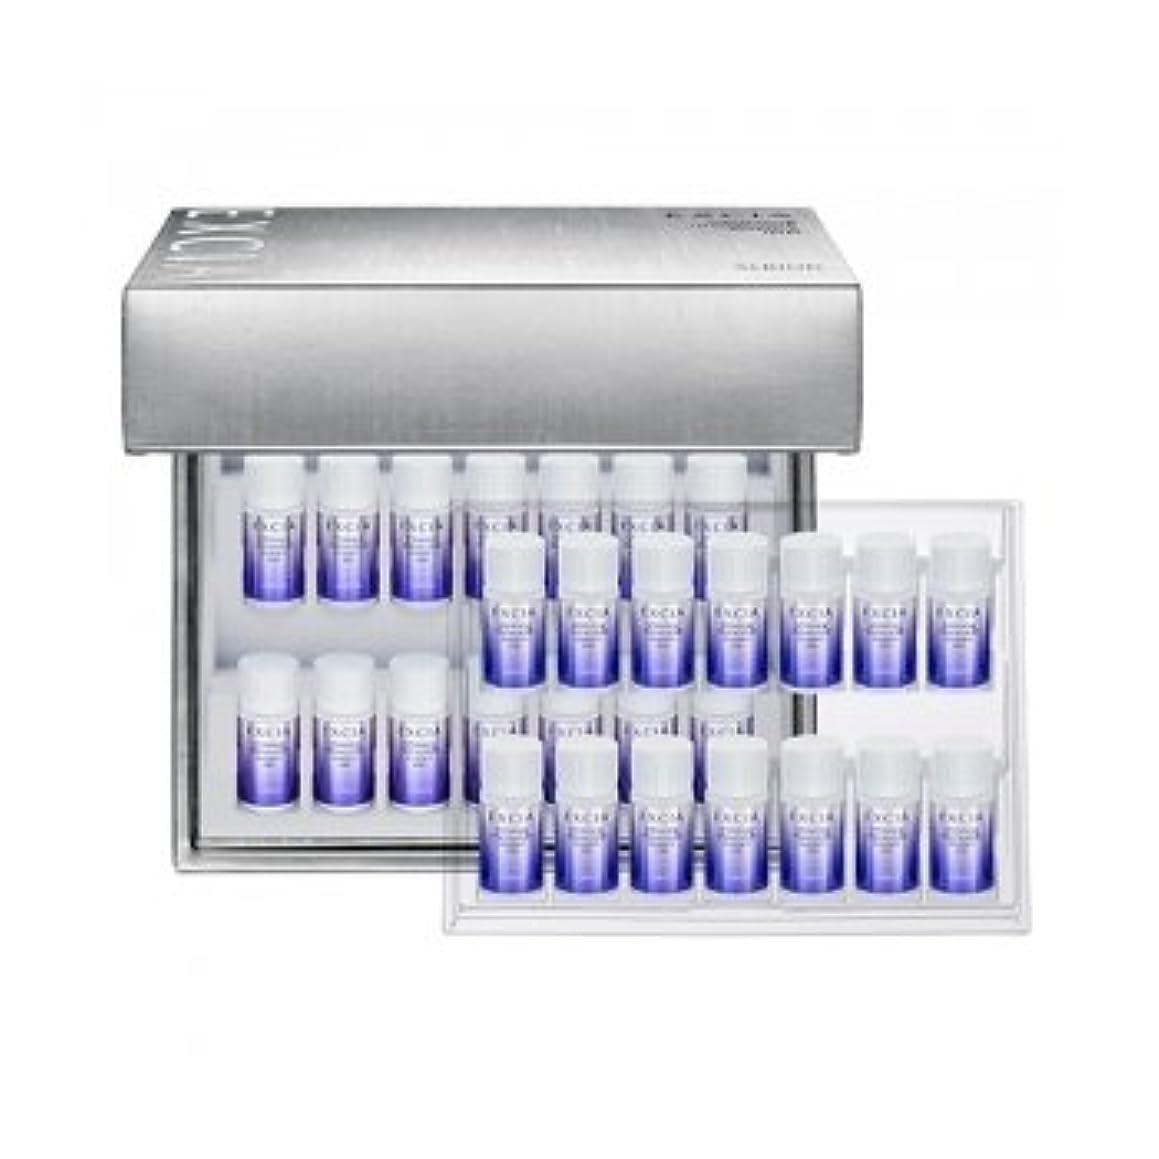 人口厚いどこかアルビオン エクシア AL ホワイトニング イマキュレート エッセンス IDD 1.5ml×28個 [並行輸入品]